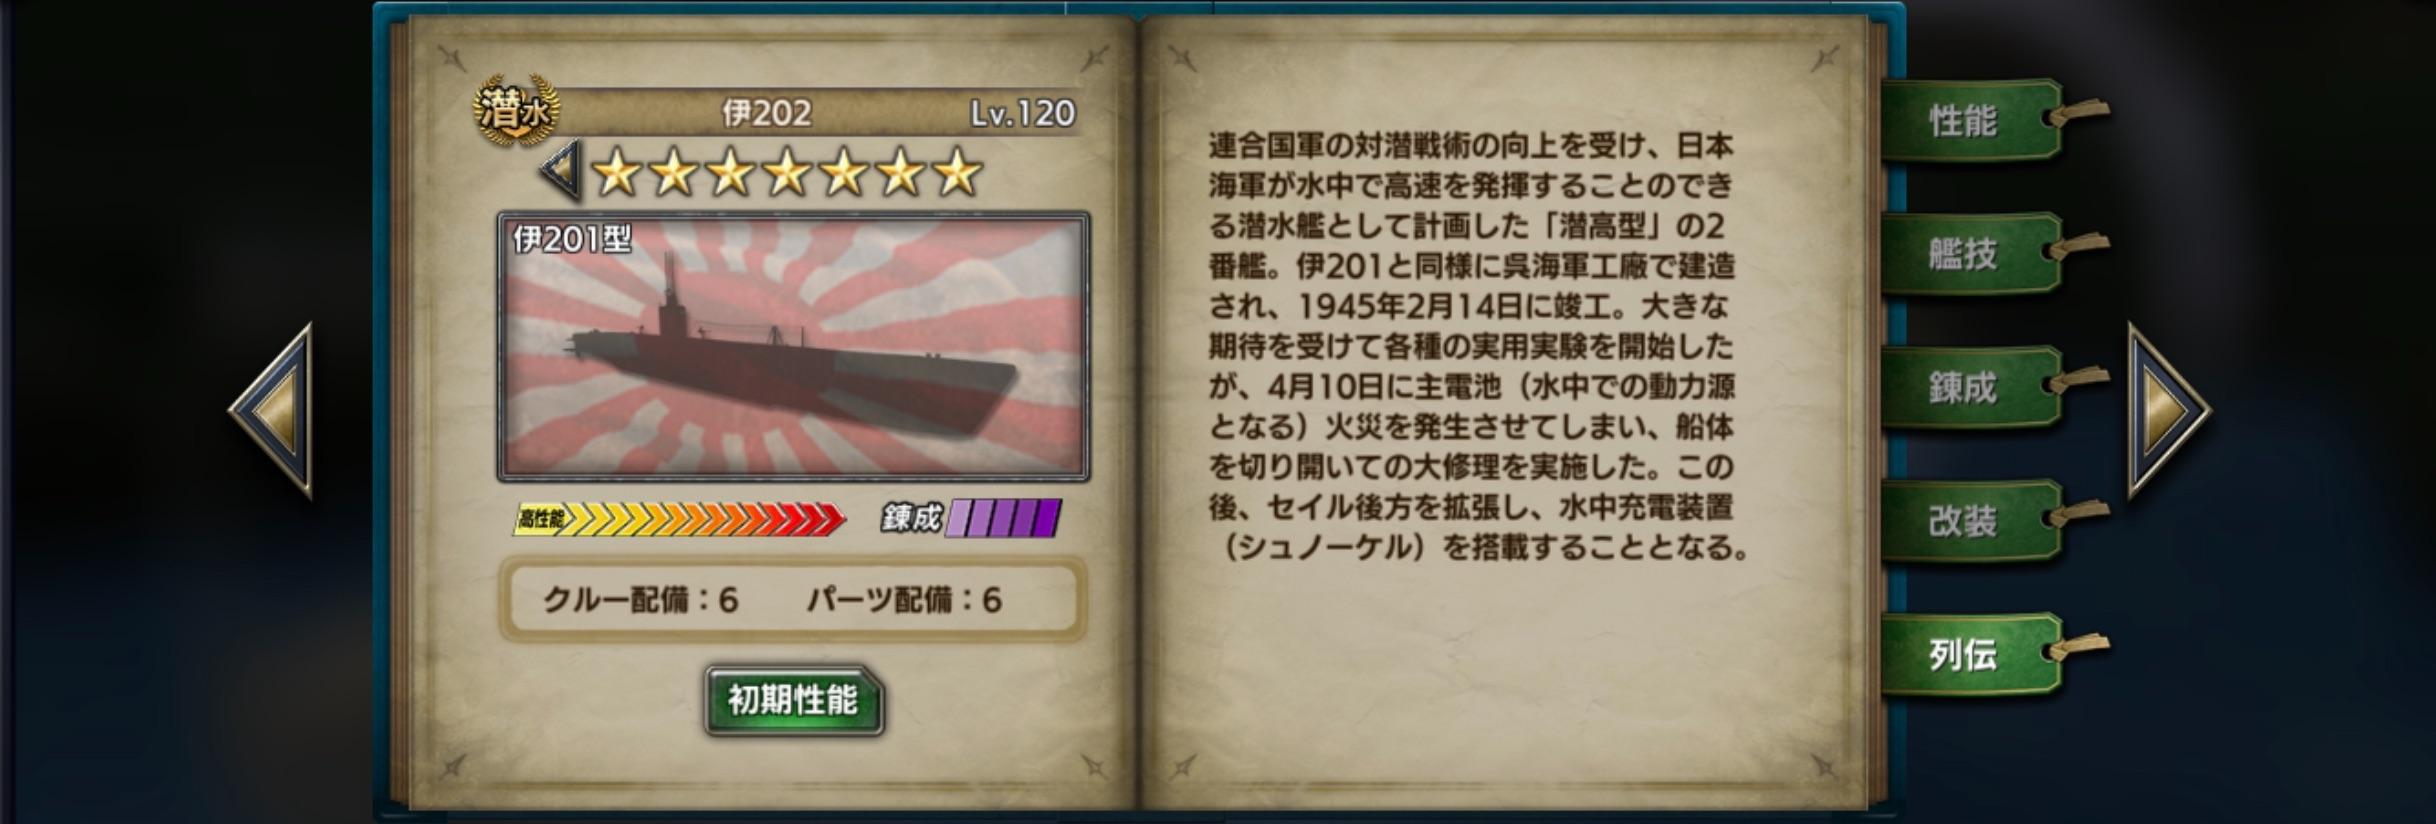 i202-history